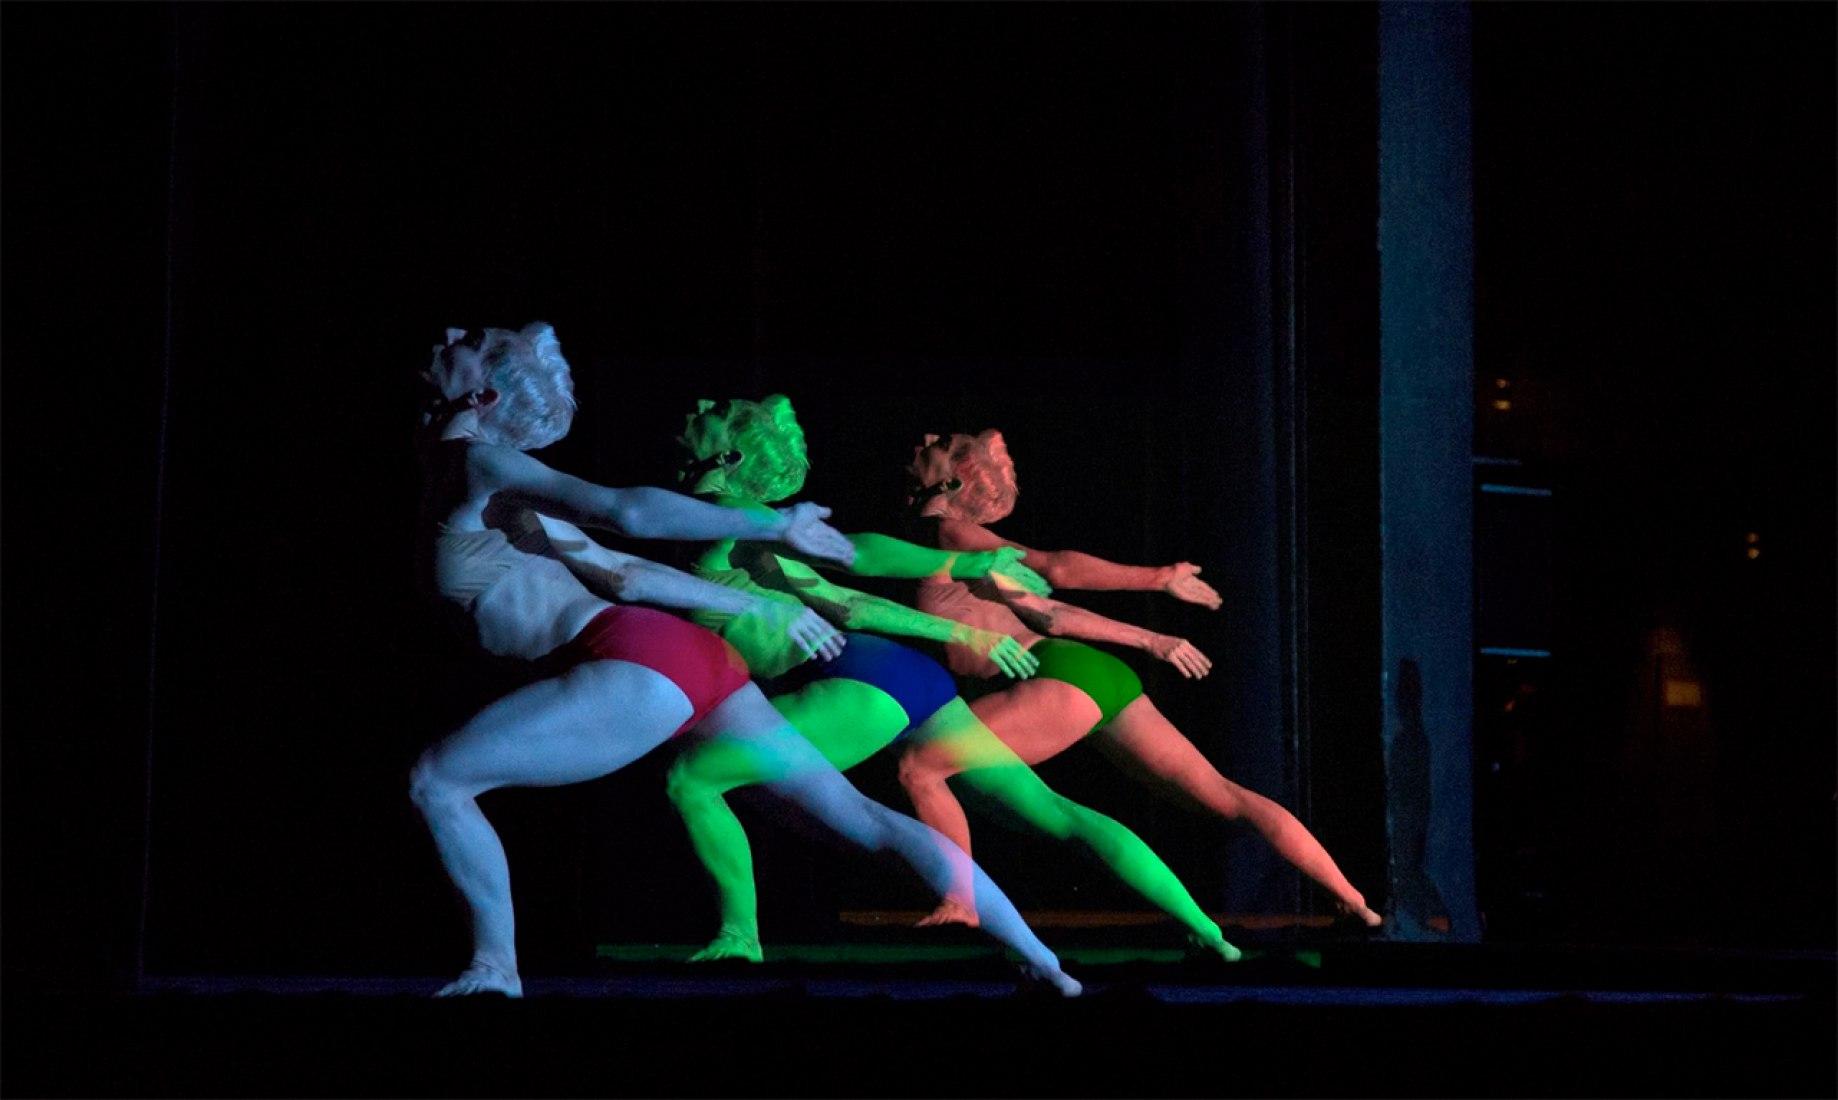 Imagen del espectáculo de danza 'Tree of codes'. Fotografía © Ravi Deepres.